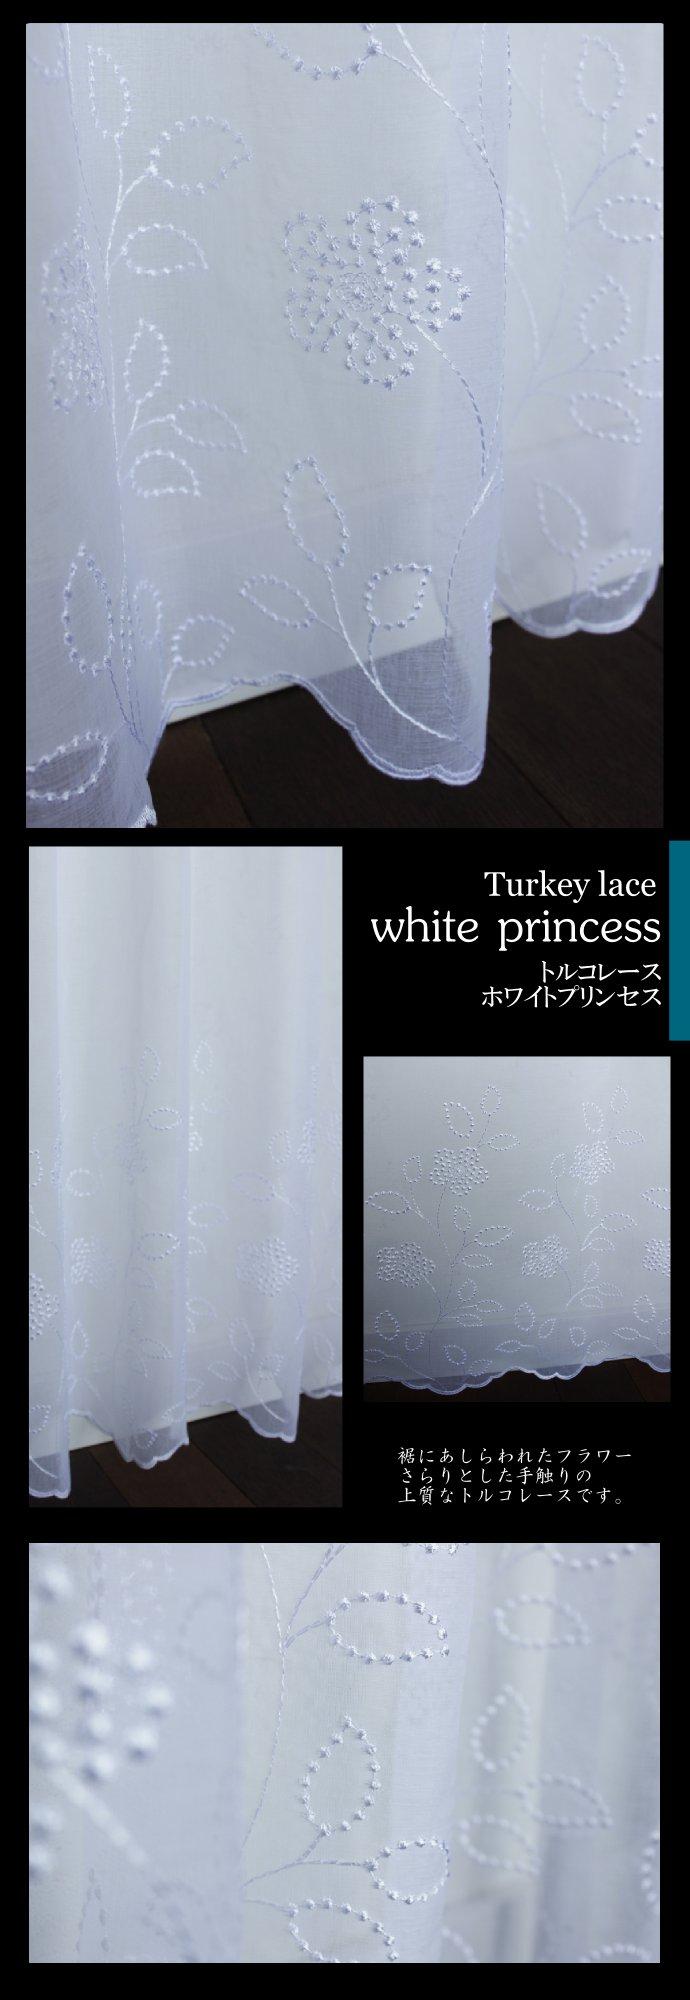 ホワイトプリンセス・トルコレース